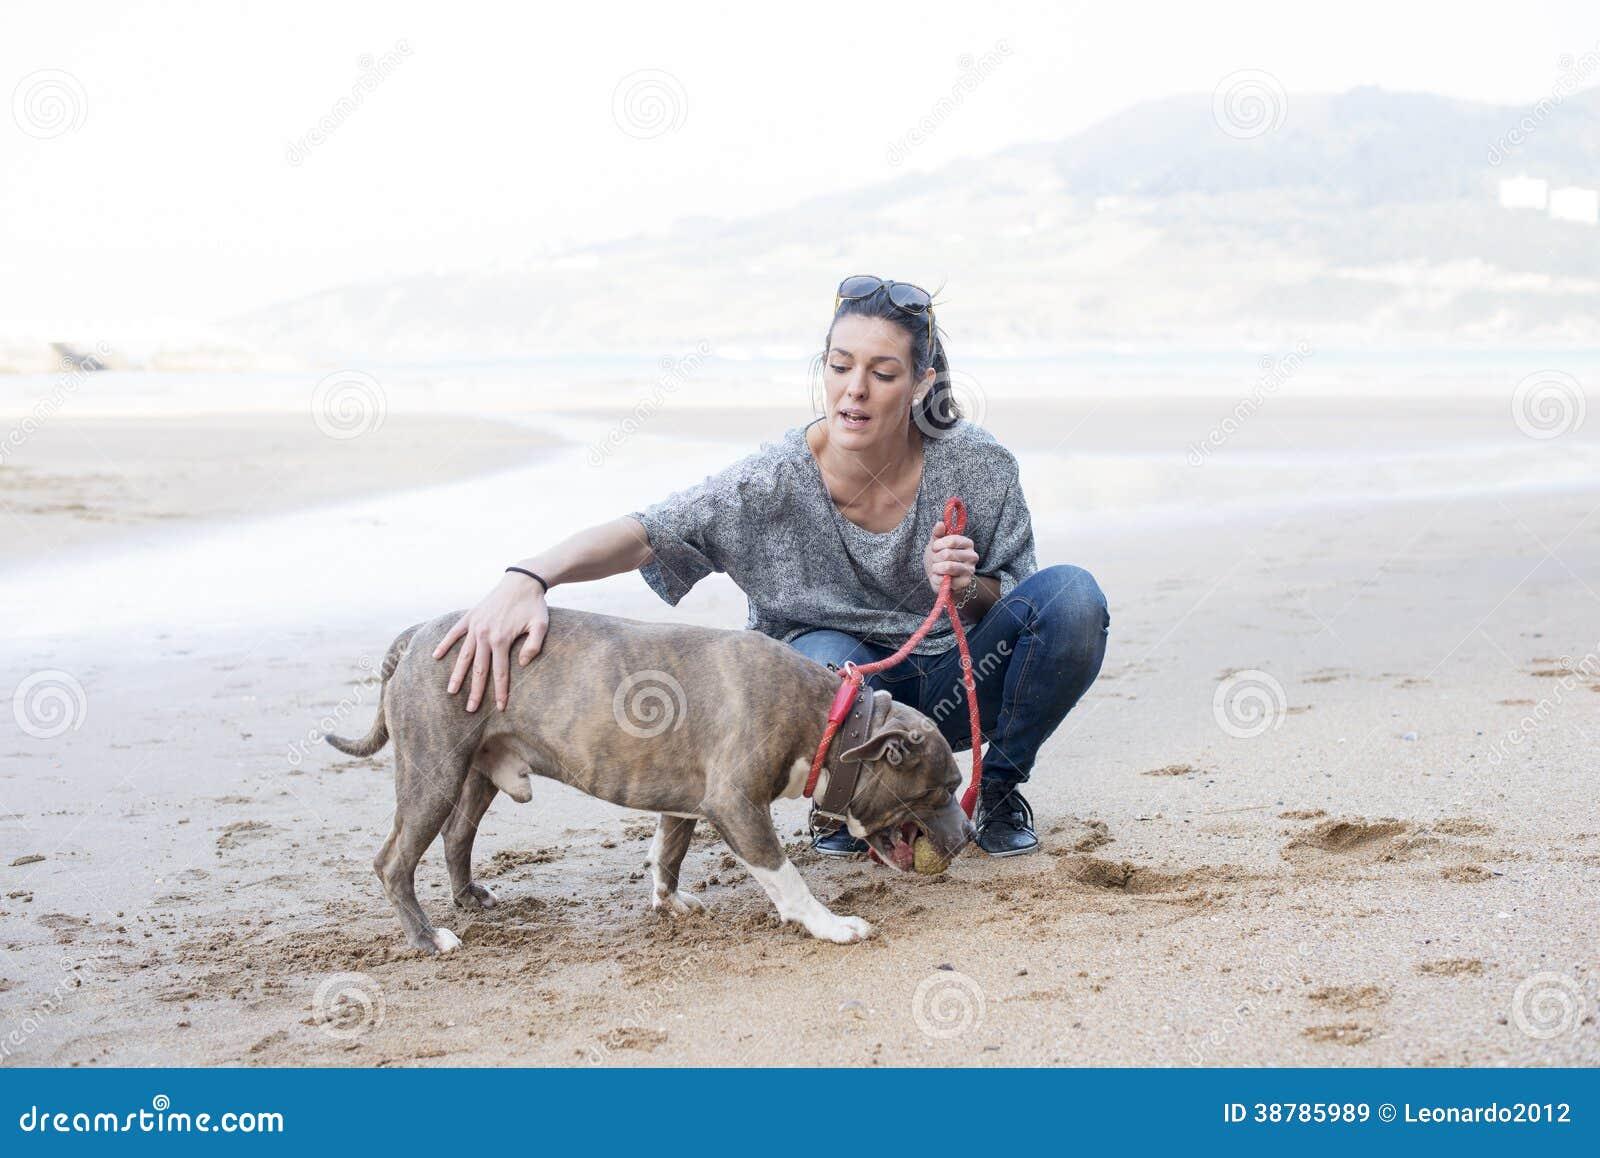 Ragazza che prepara il cane nella spiaggia.